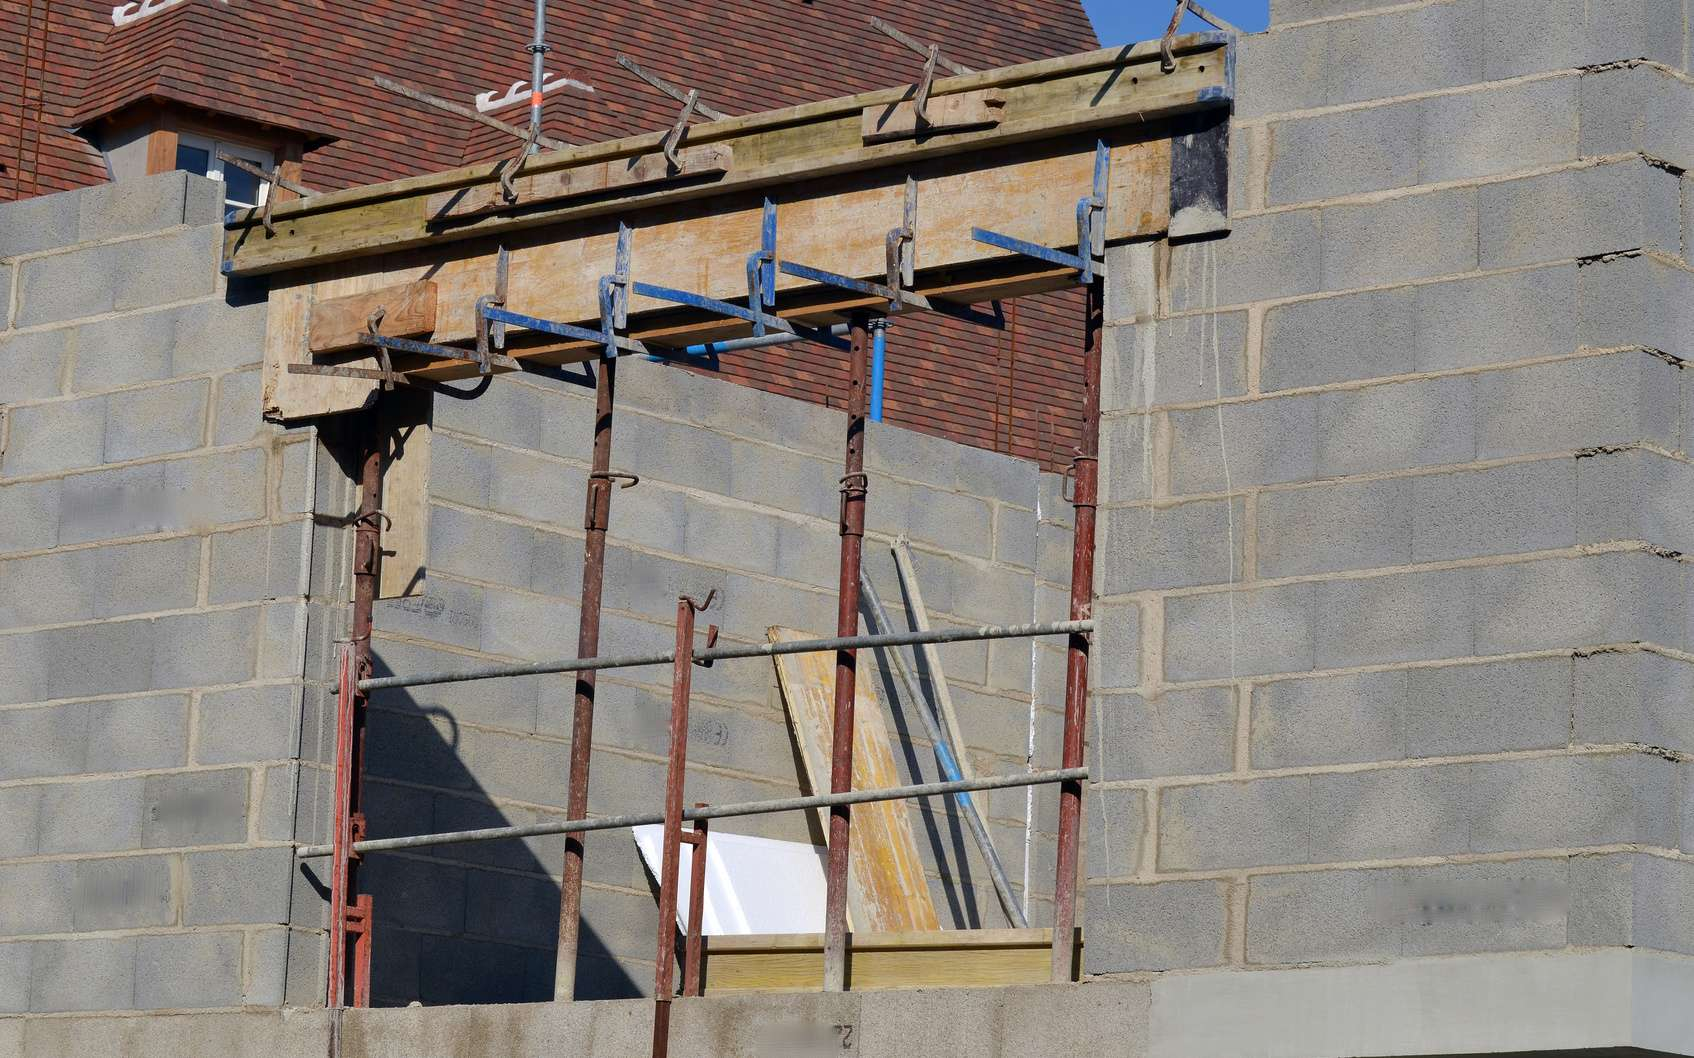 Que ce soit pour une fenêtre ou une porte, le coffrage d'un linteau coulé doit être solidement étayé et calé de niveau. Les planches sont huilées sur leur face intérieure afin de faciliter le décoffrage, après la prise du béton. © guidebeton.com